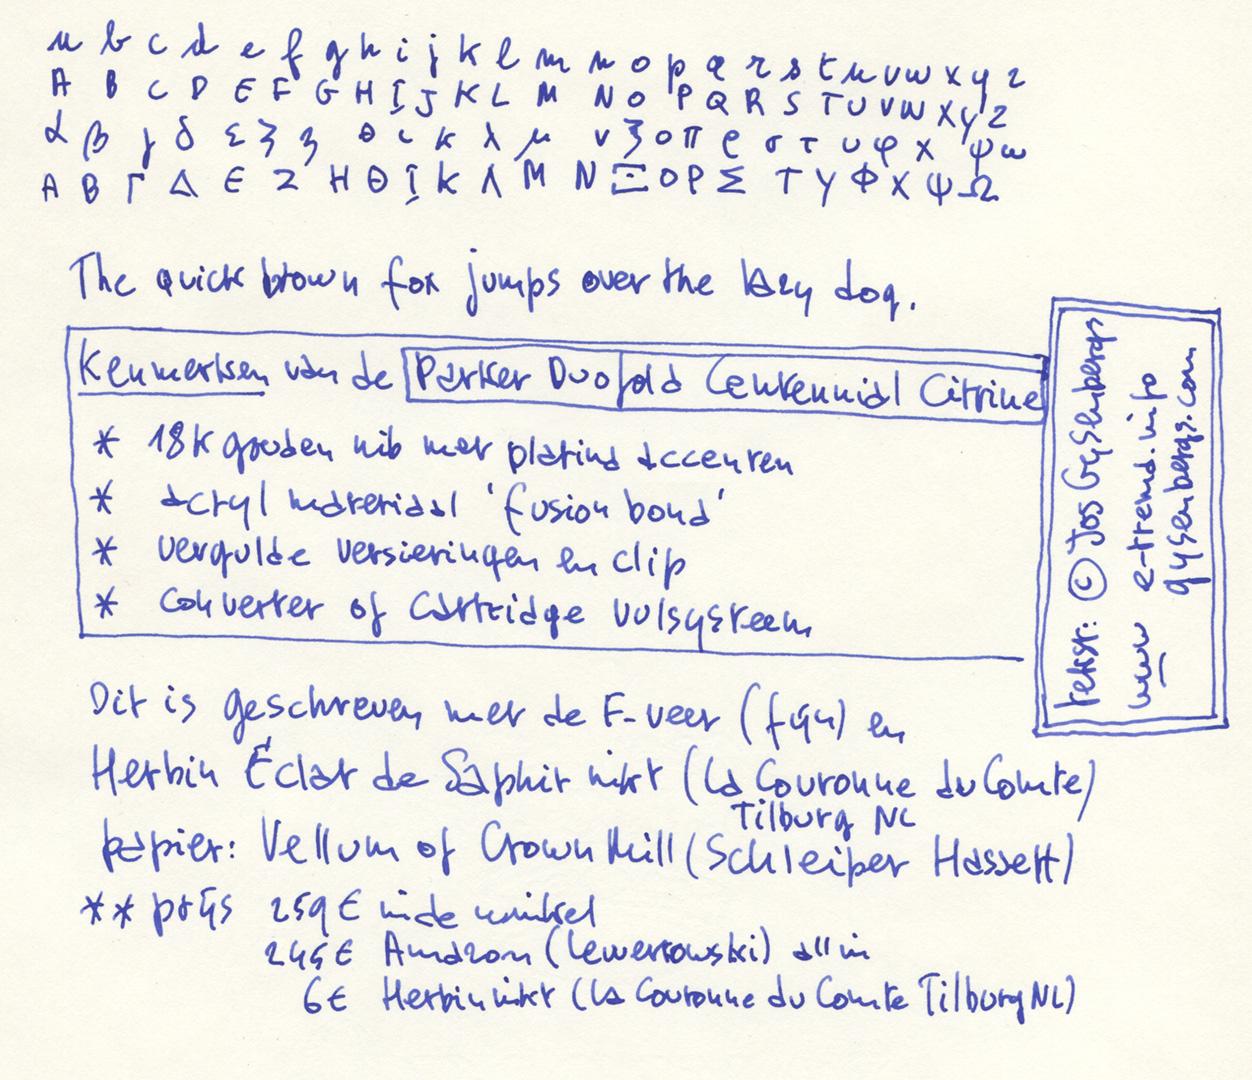 Parker Duofold Centennial schrijfvoorbeeld